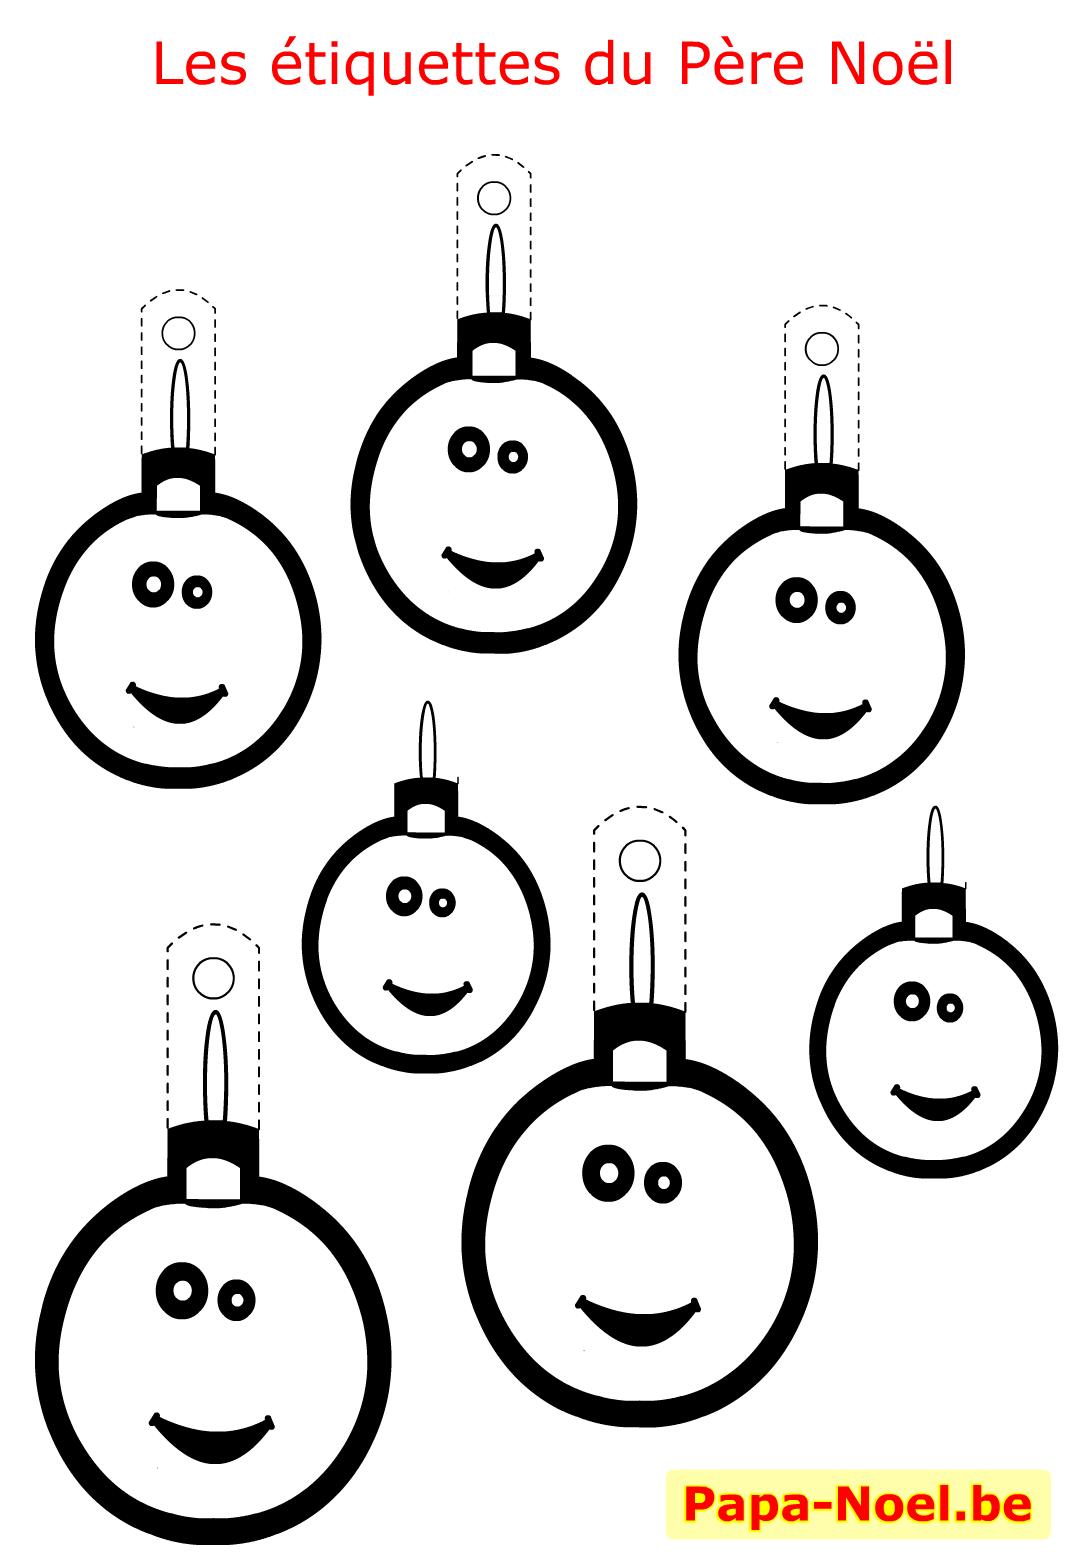 #CC5E00 Bricolage Enfant NOEL Etiquettes A Imprimer Gratuites Pour  5359 décorations de noel ce1 1088x1568 px @ aertt.com